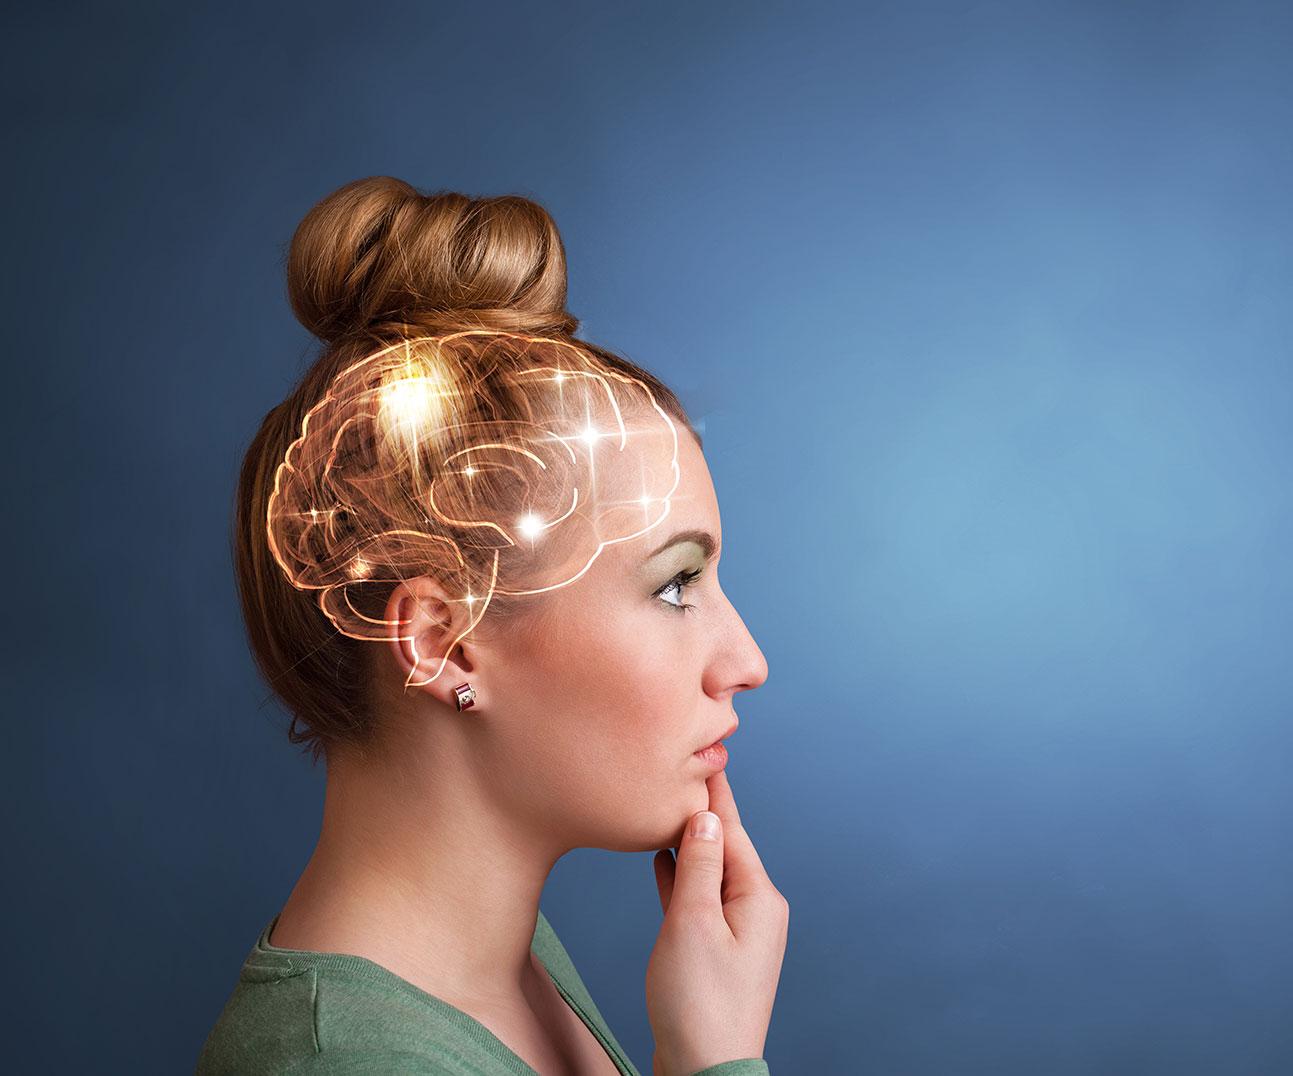 ragazza bionda con luci fra capelli